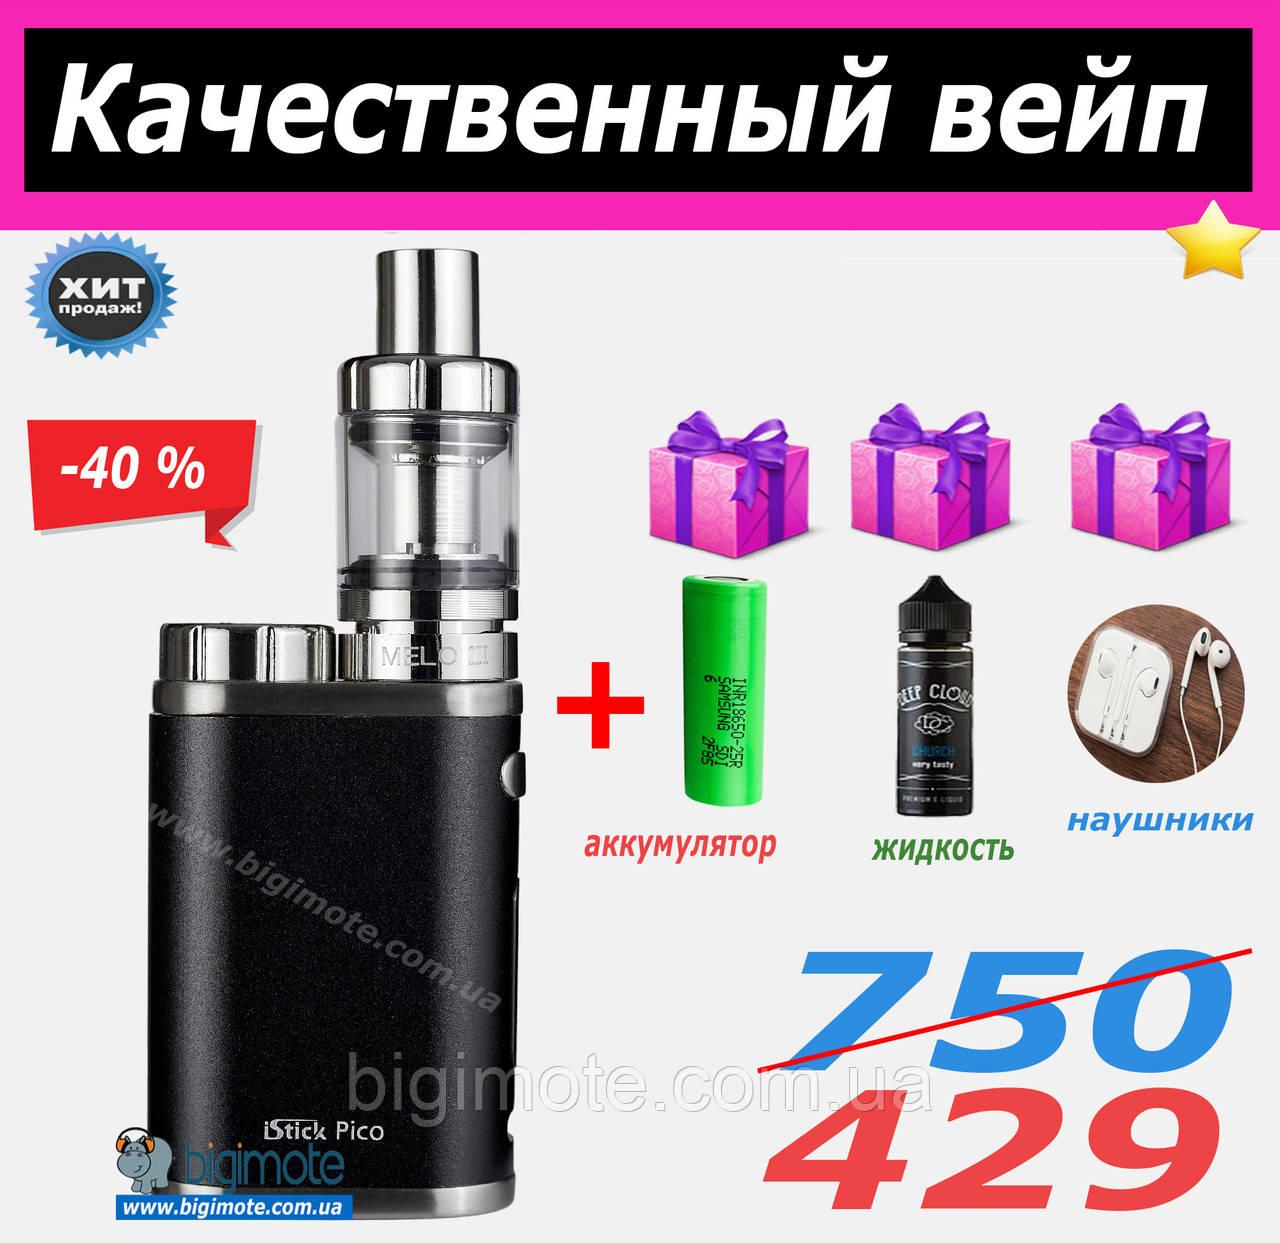 Электронный мод Eleaf iStick Pico TC75W,Электронная сигарета PICO,vape,вейп,качественный вейп